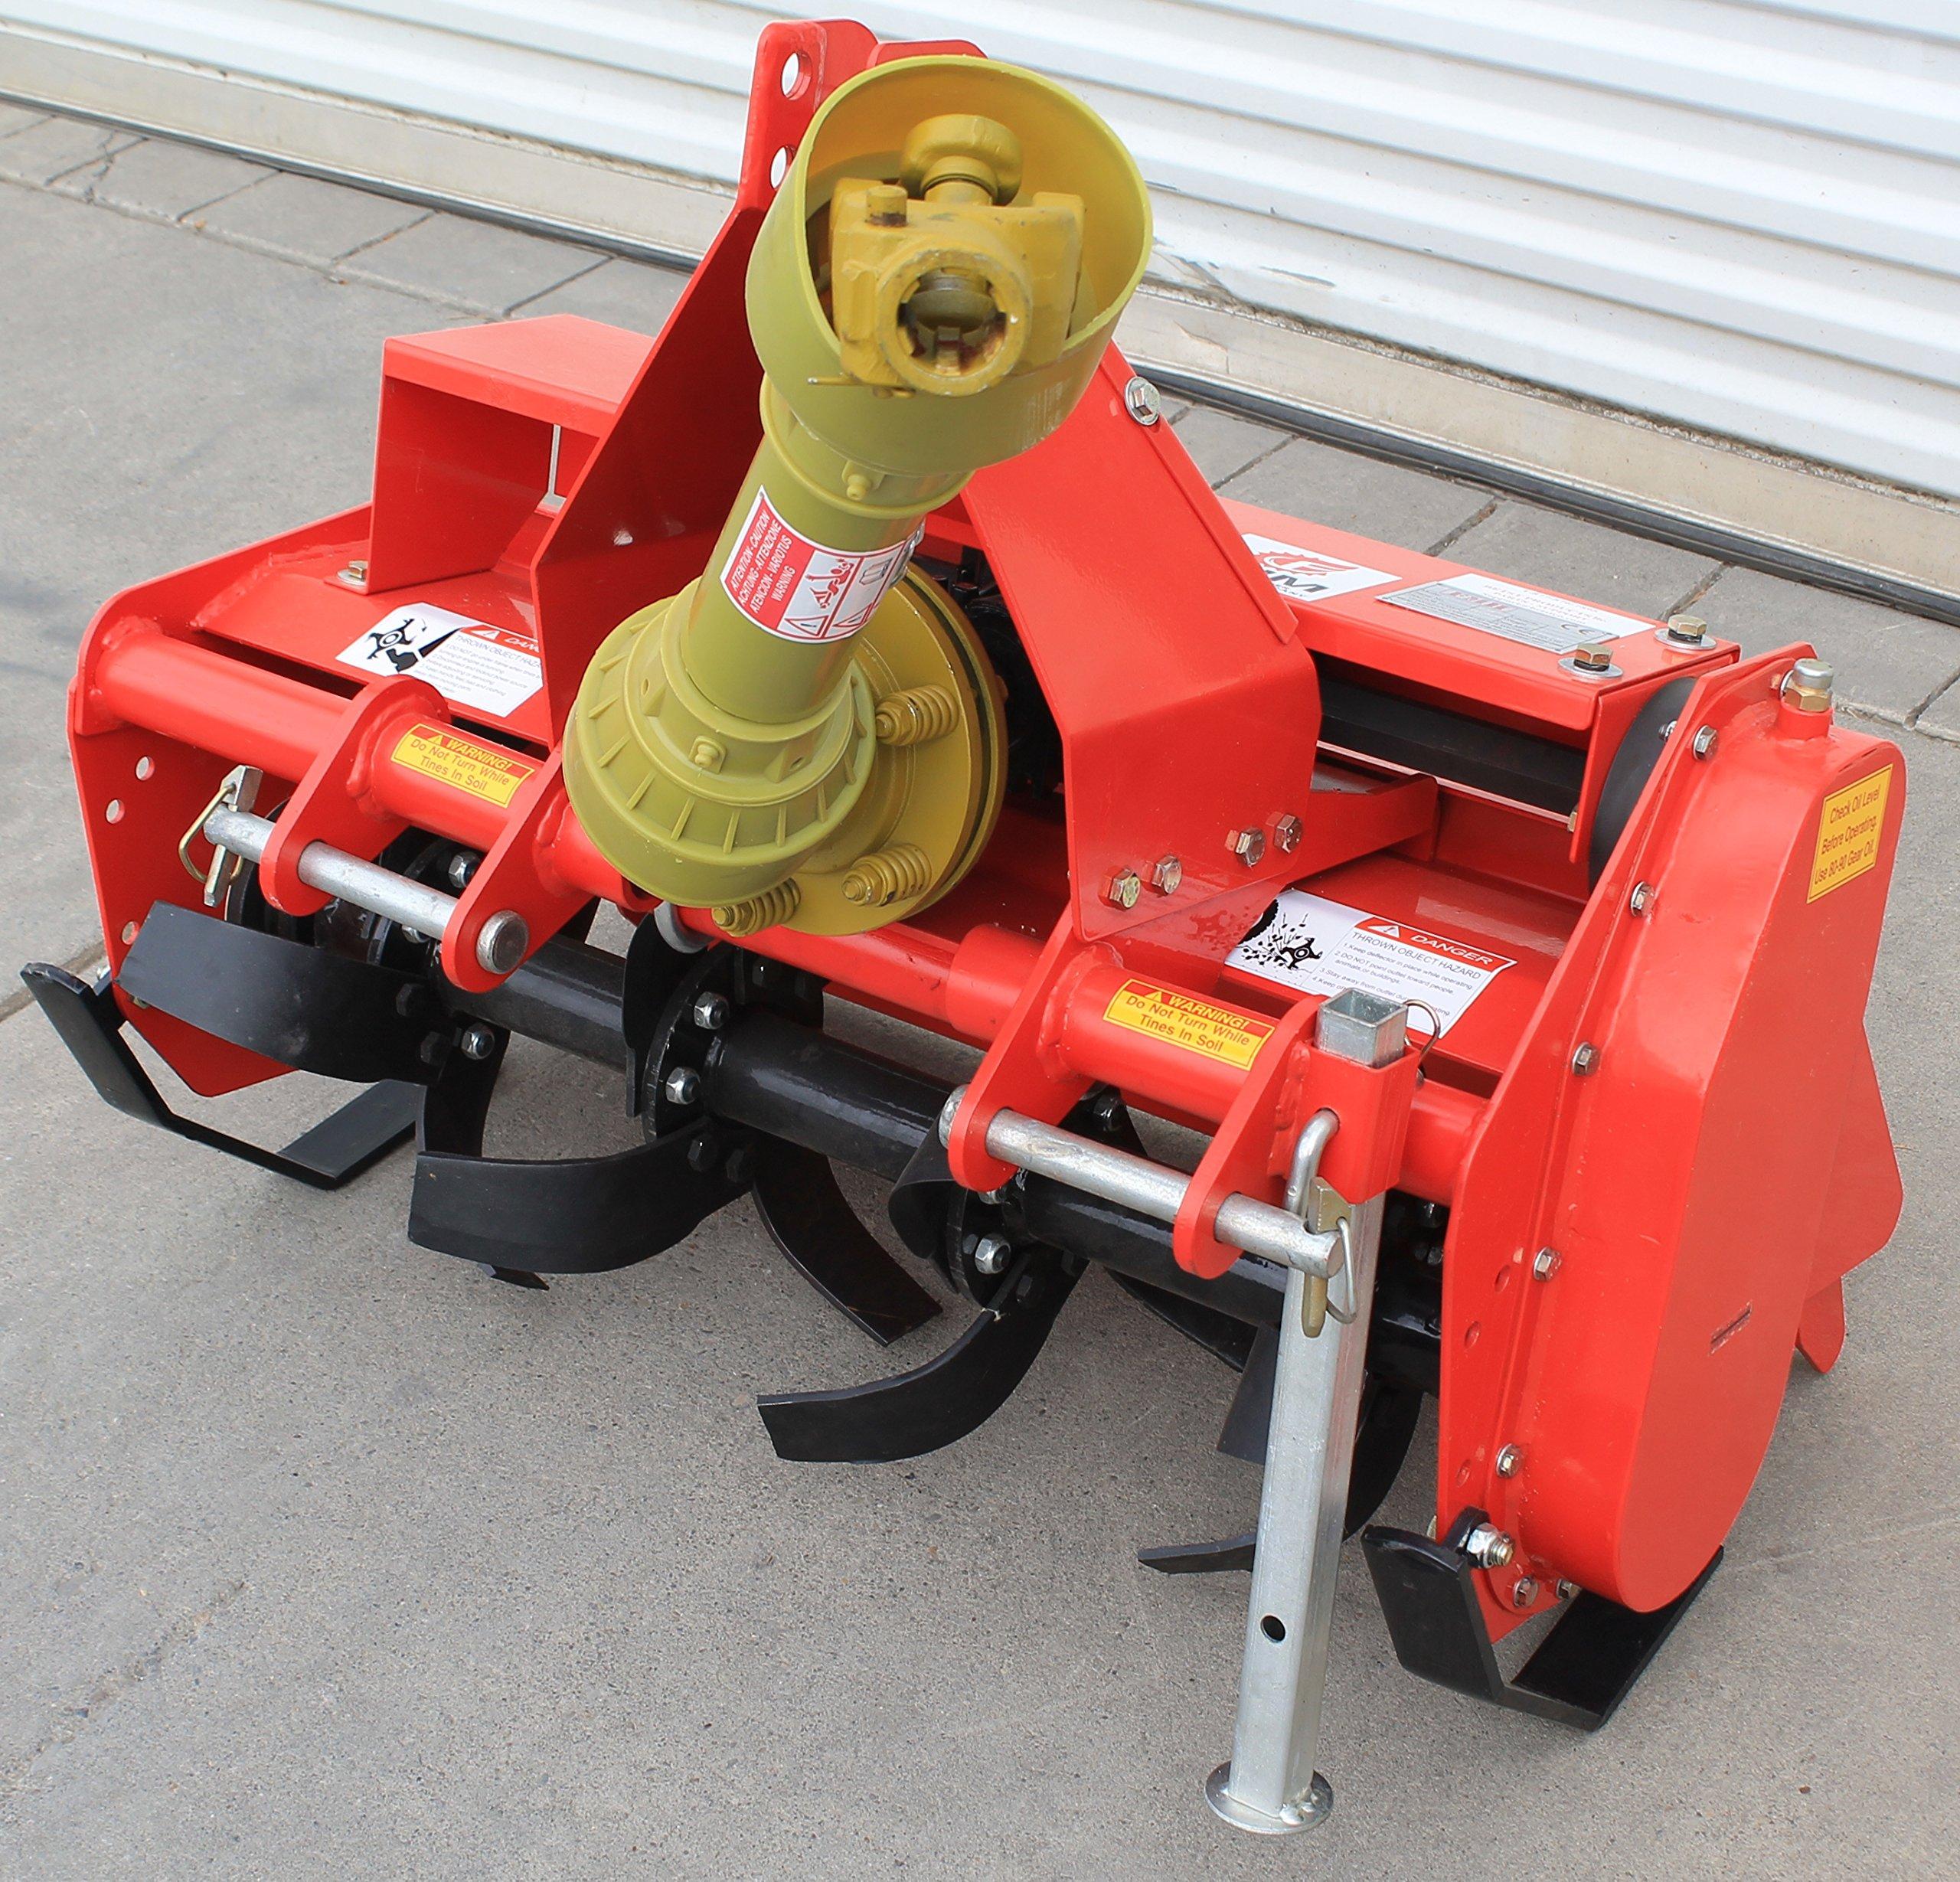 Value Leader 33'' Tiller Cat.I 3pt 14+hp (FH-TL85) ~Adjustable Offset & SlipClutch Driveline by Farmer-Helper (Image #6)